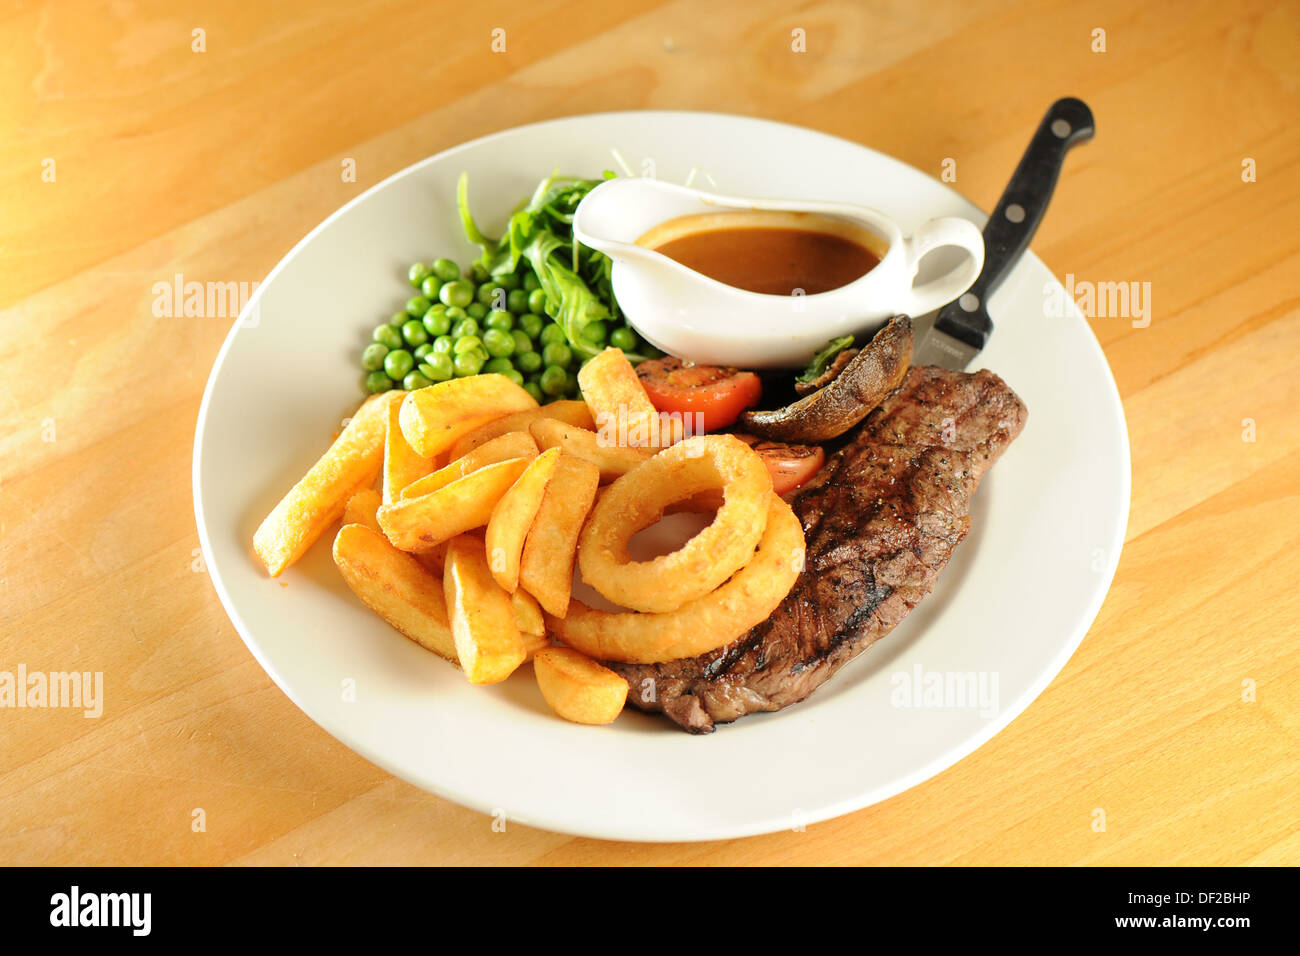 Tradizionali piatti da pub - bistecca di controfiletto, anelli di cipolla e piselli. Immagini Stock